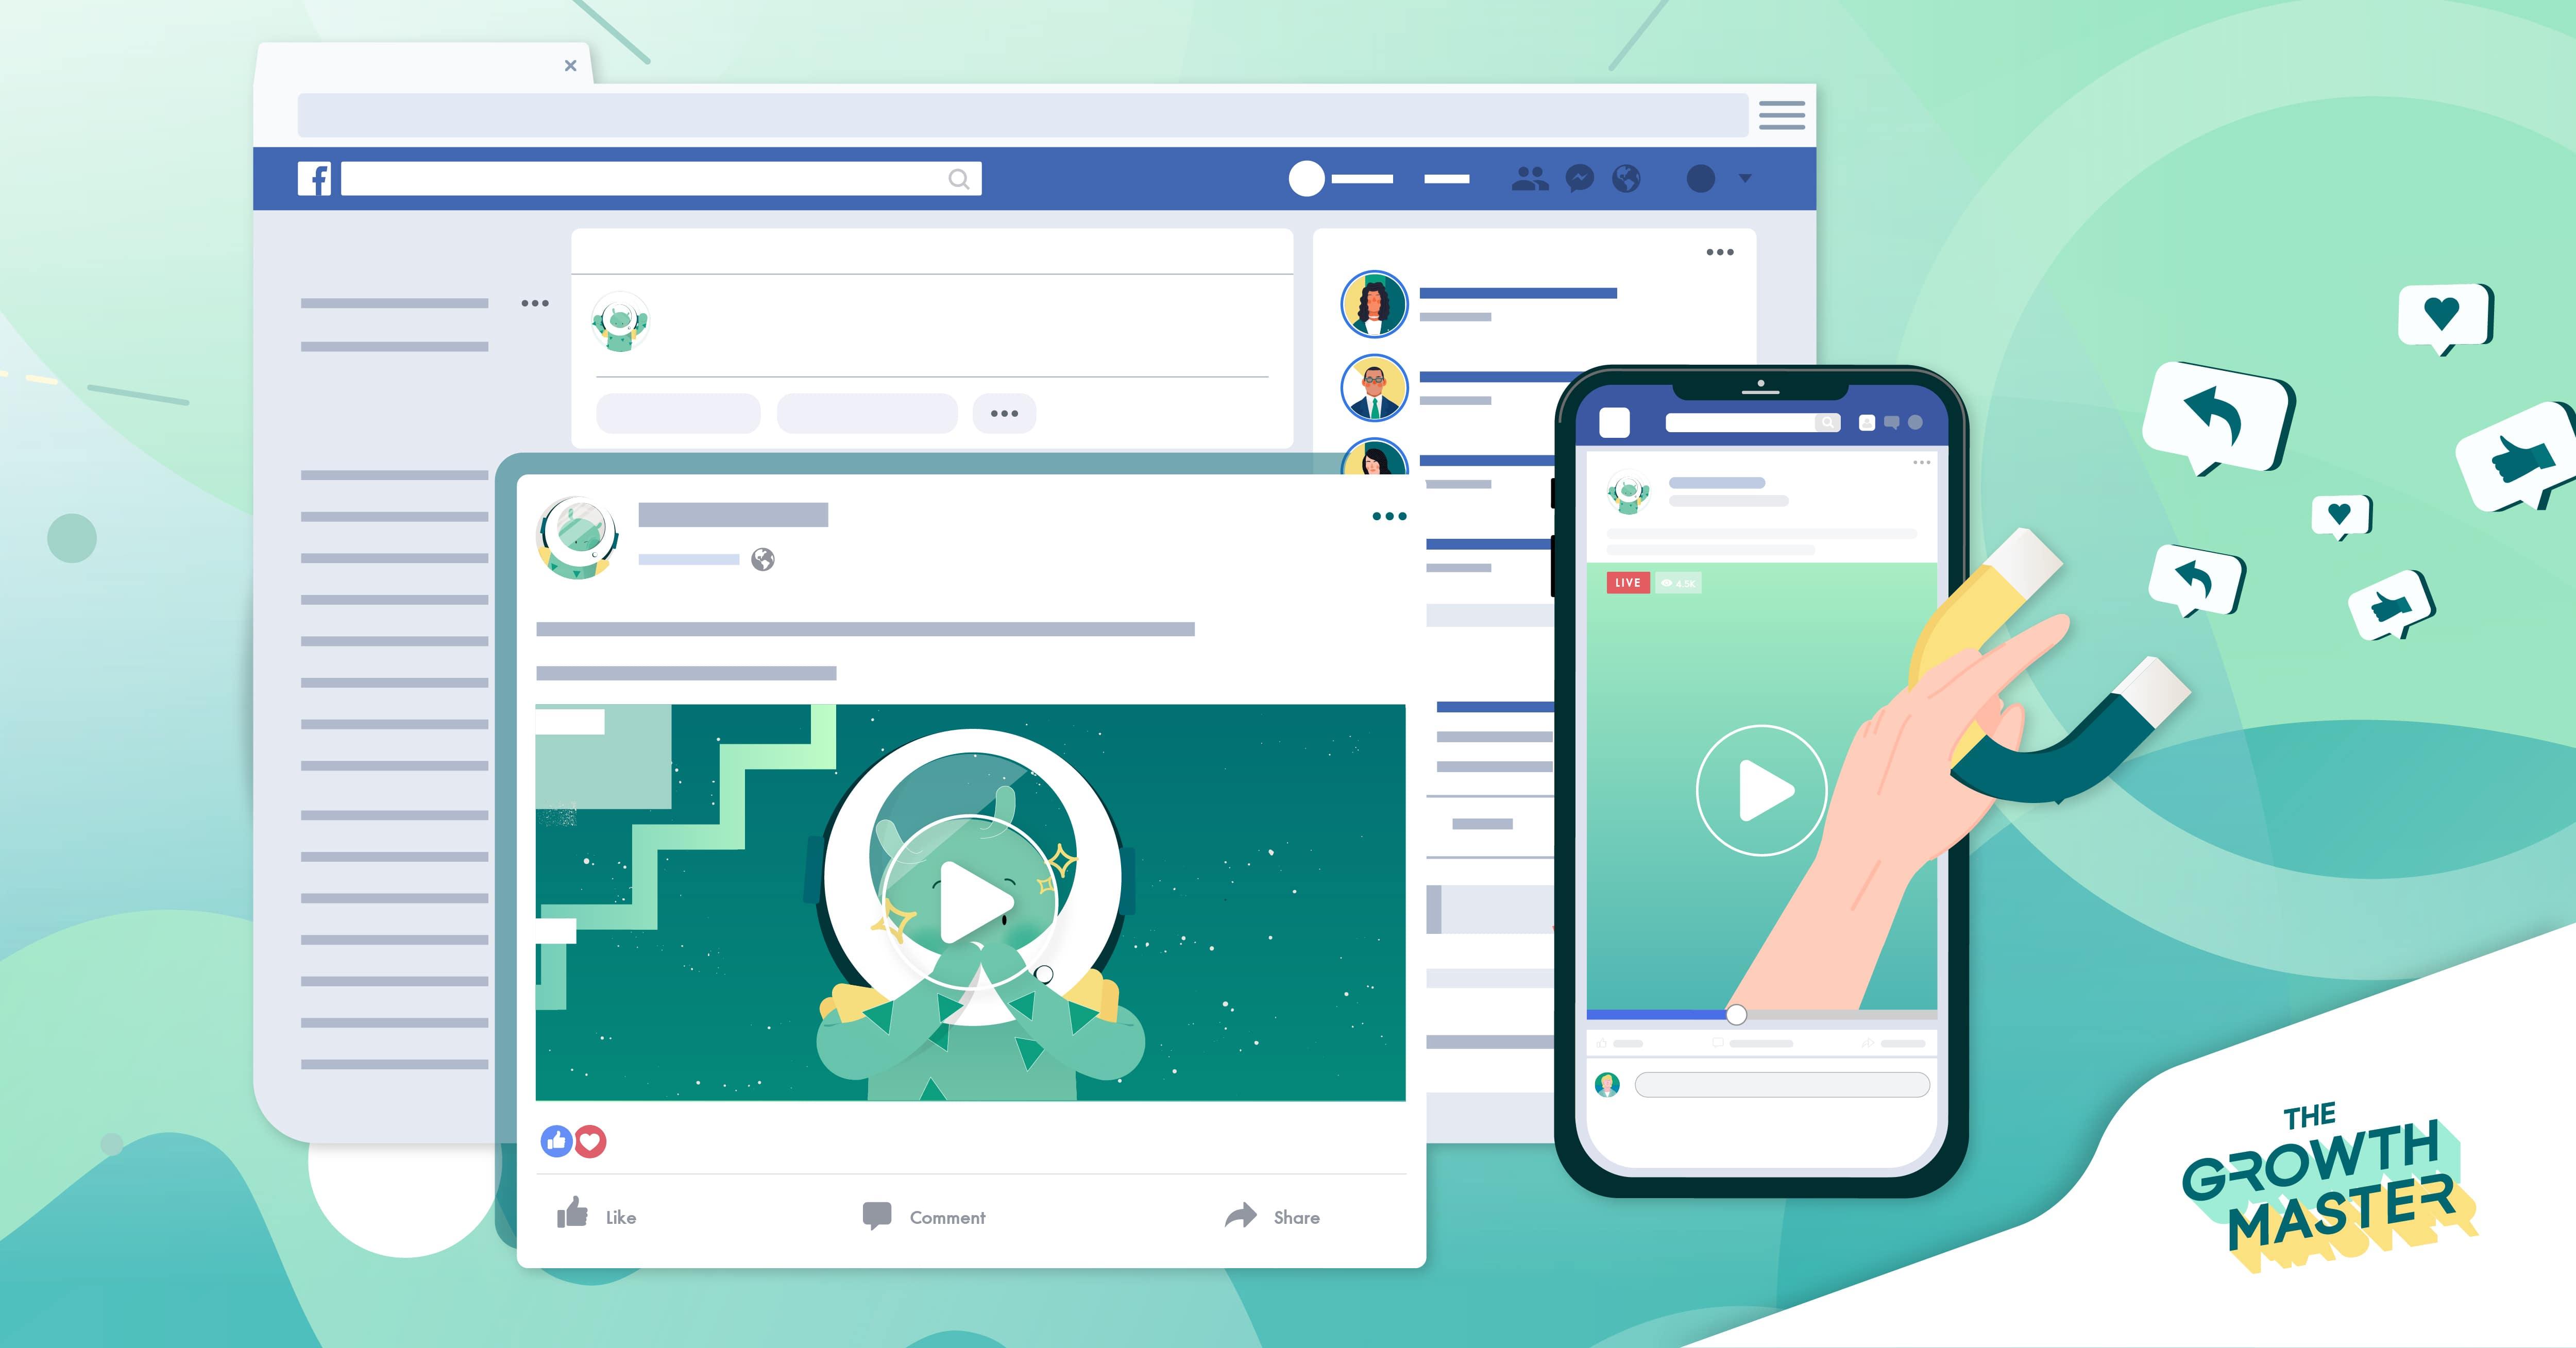 5 เทคนิคสร้างสรรค์ Facebook Video Content ให้ดึงดูดกลุ่มเป้าหมาย เพิ่มมากขึ้น